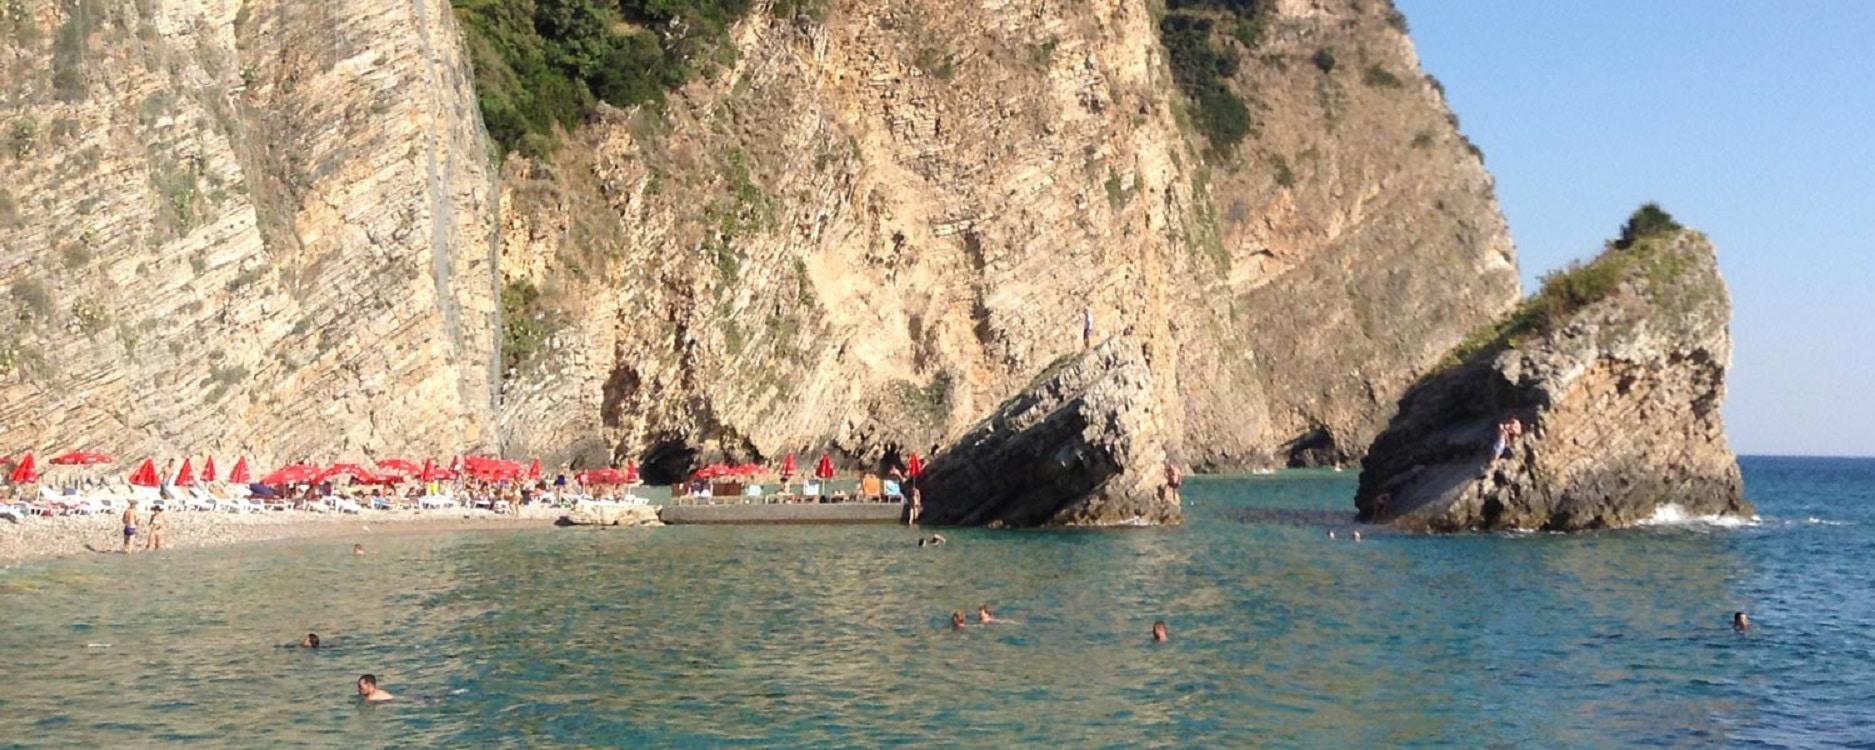 Plaja Saint Nikola, Muntenegru – O oază de liniște